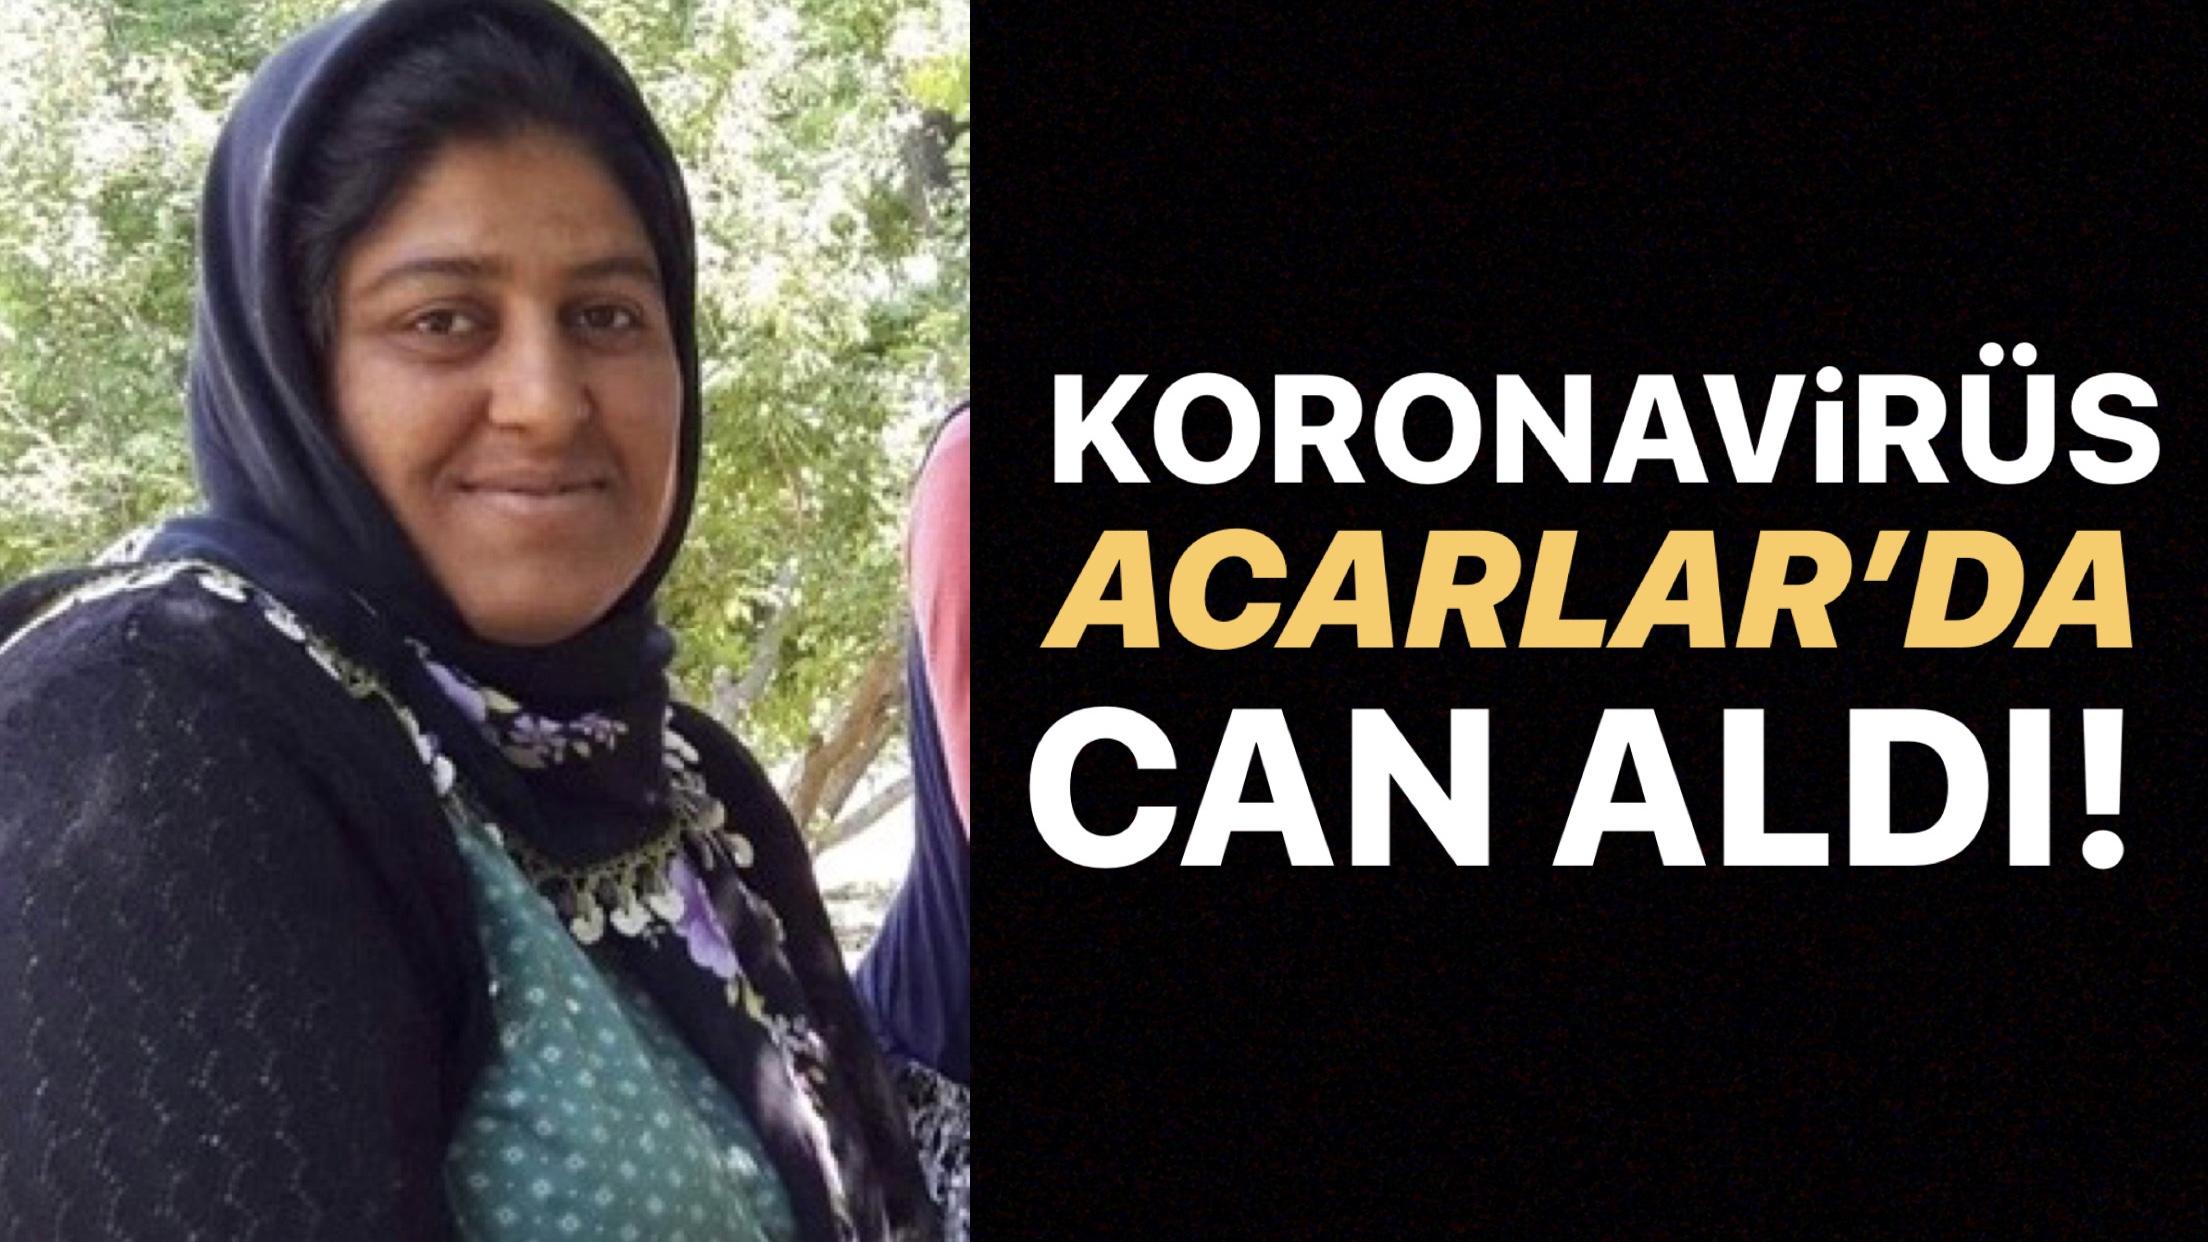 KORONAVİRÜS ACARLAR'DA CAN ALDI!